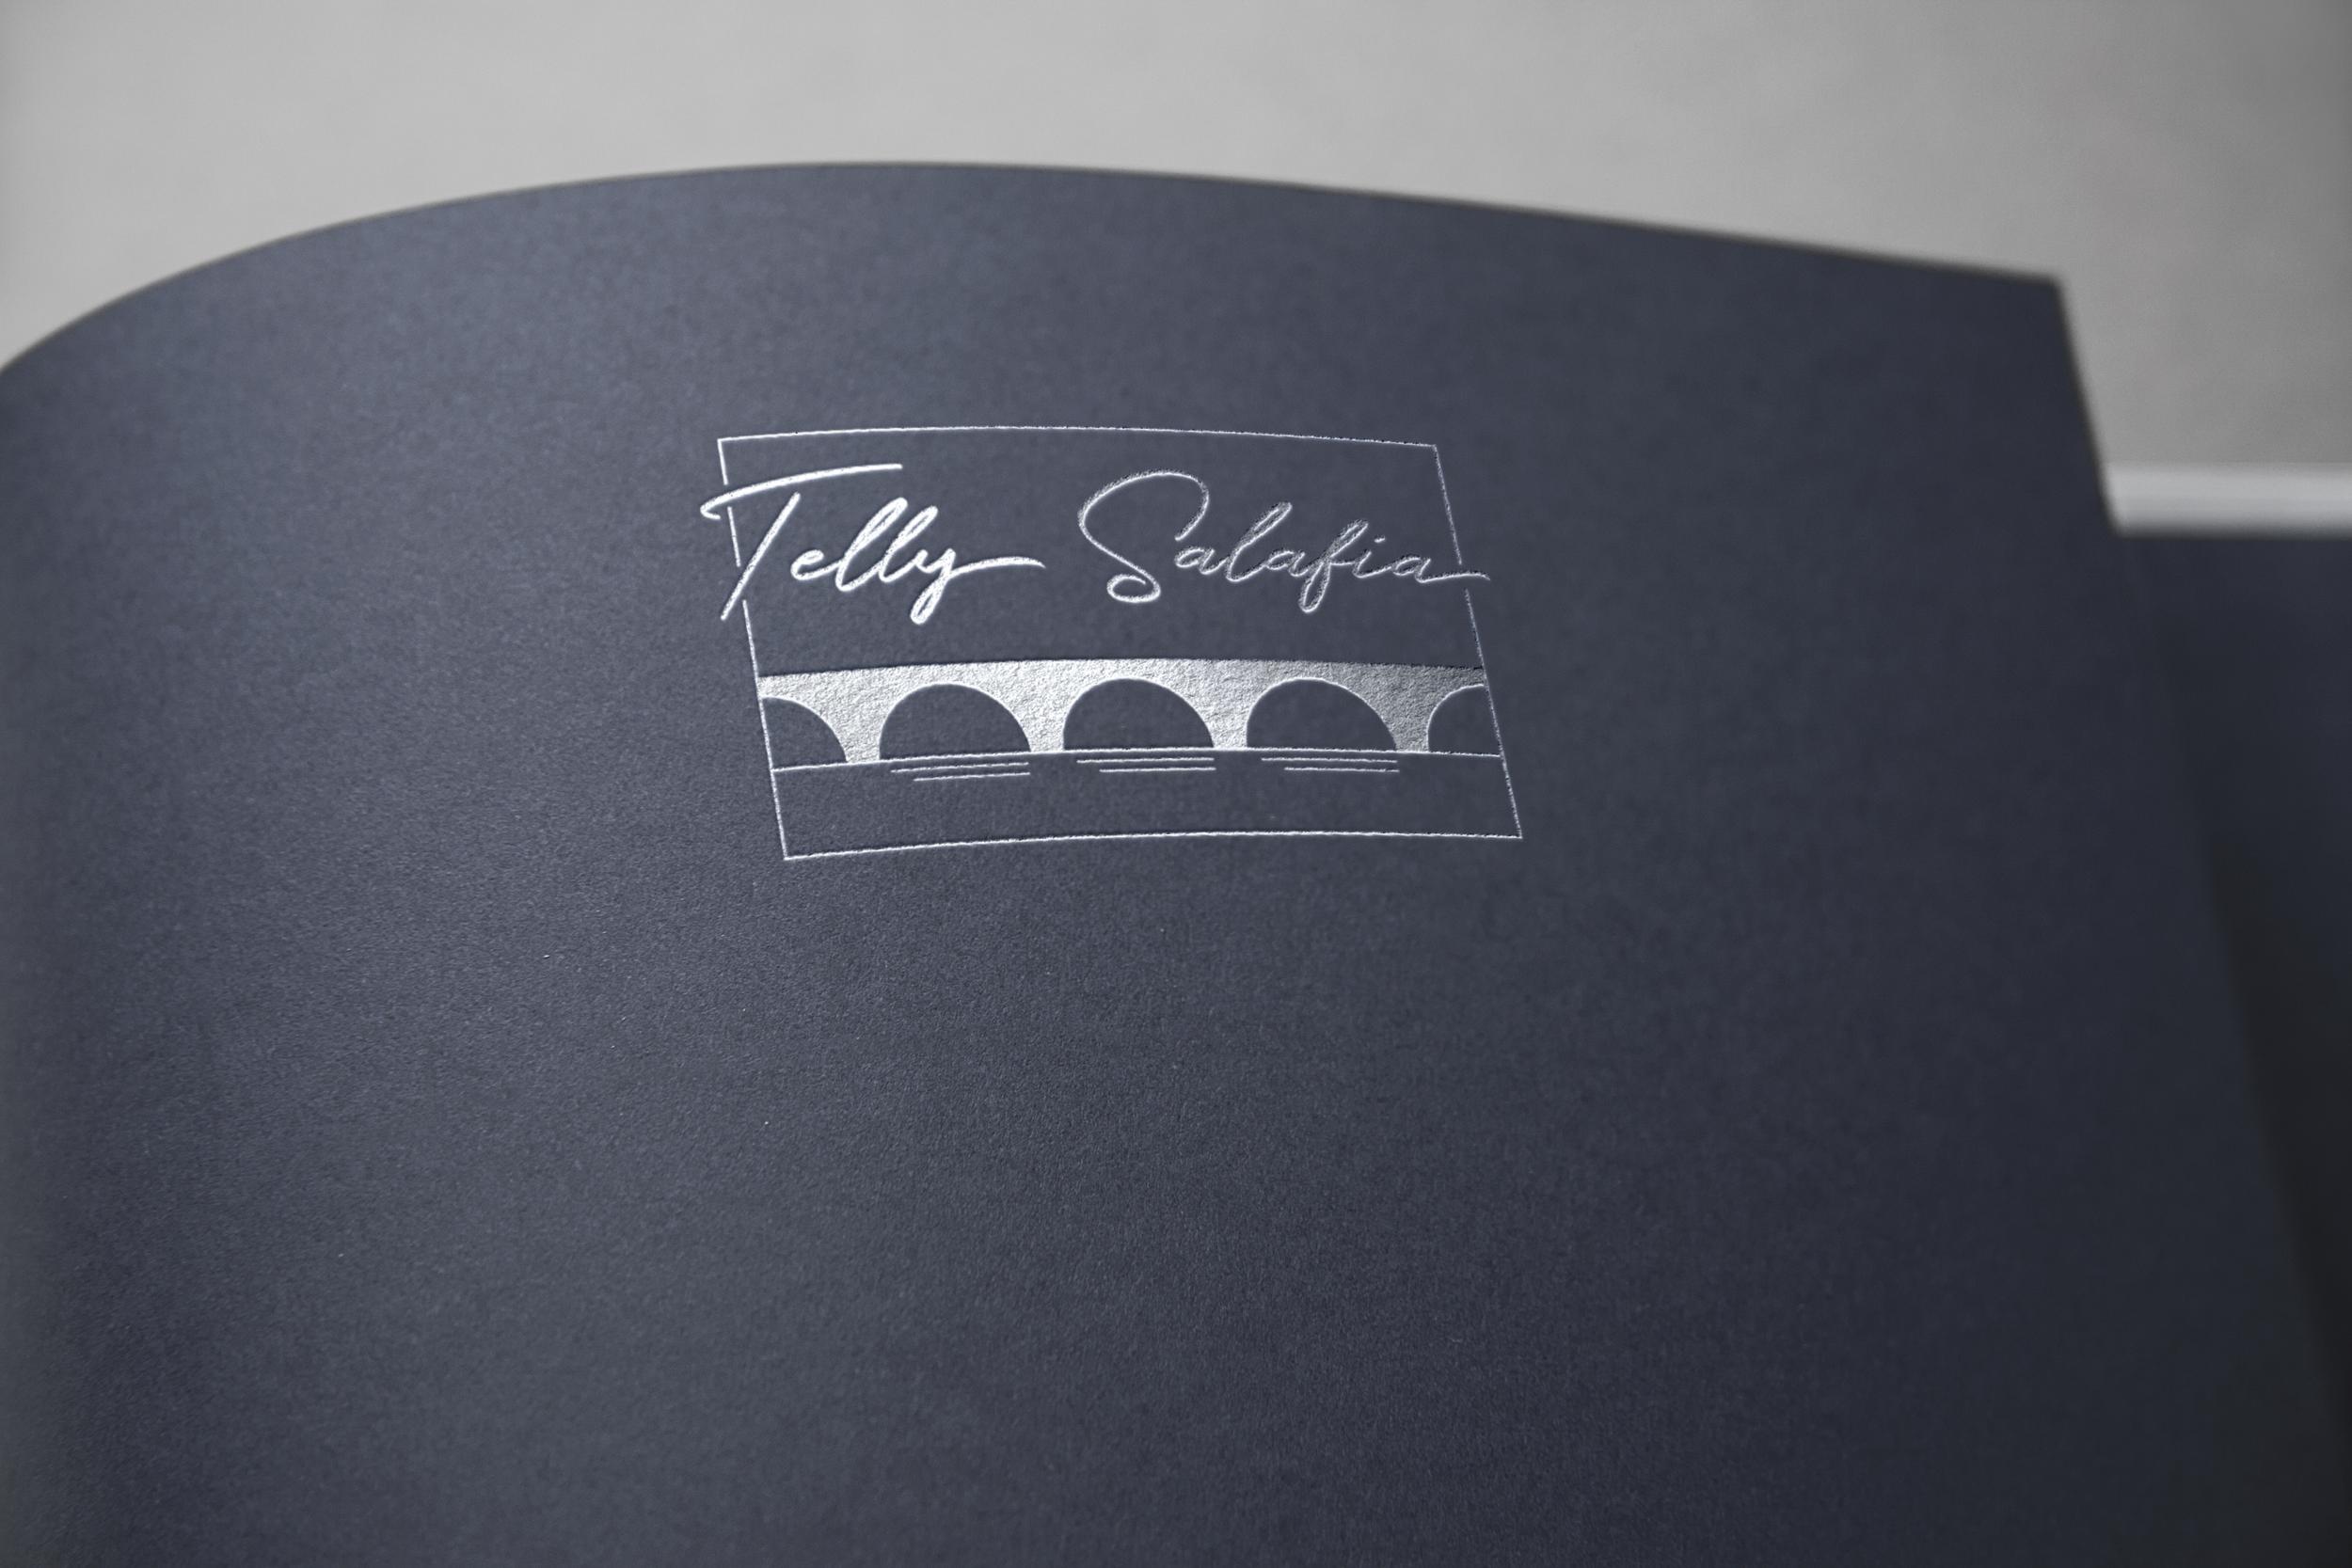 Telly Salafia - Brittney Rossie Design - brittneyrossie.com